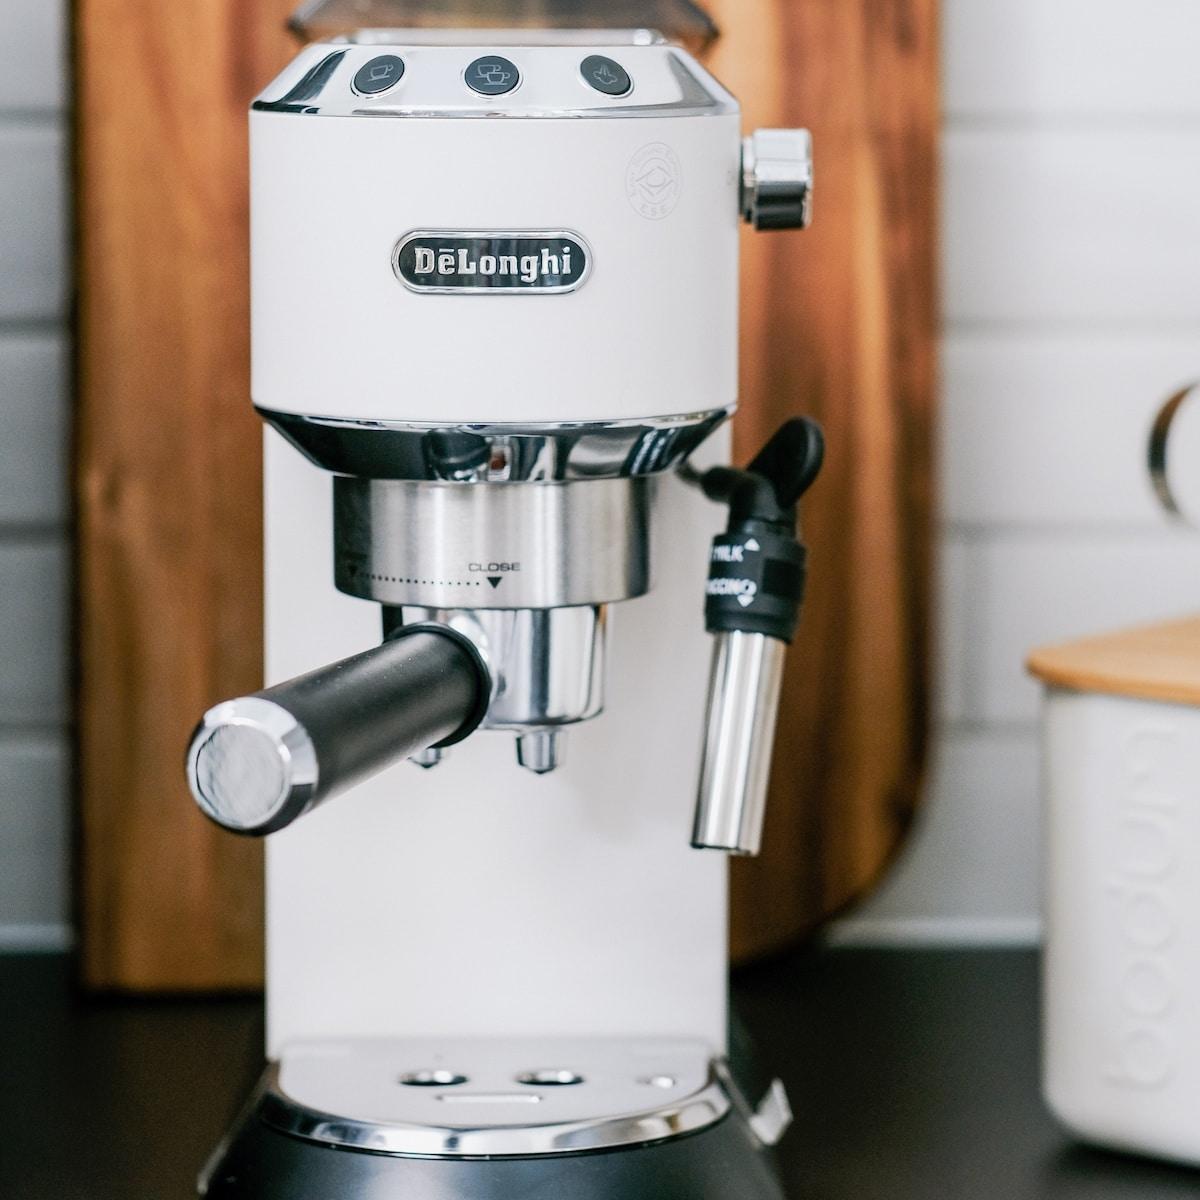 Faire le don d'une machine à café